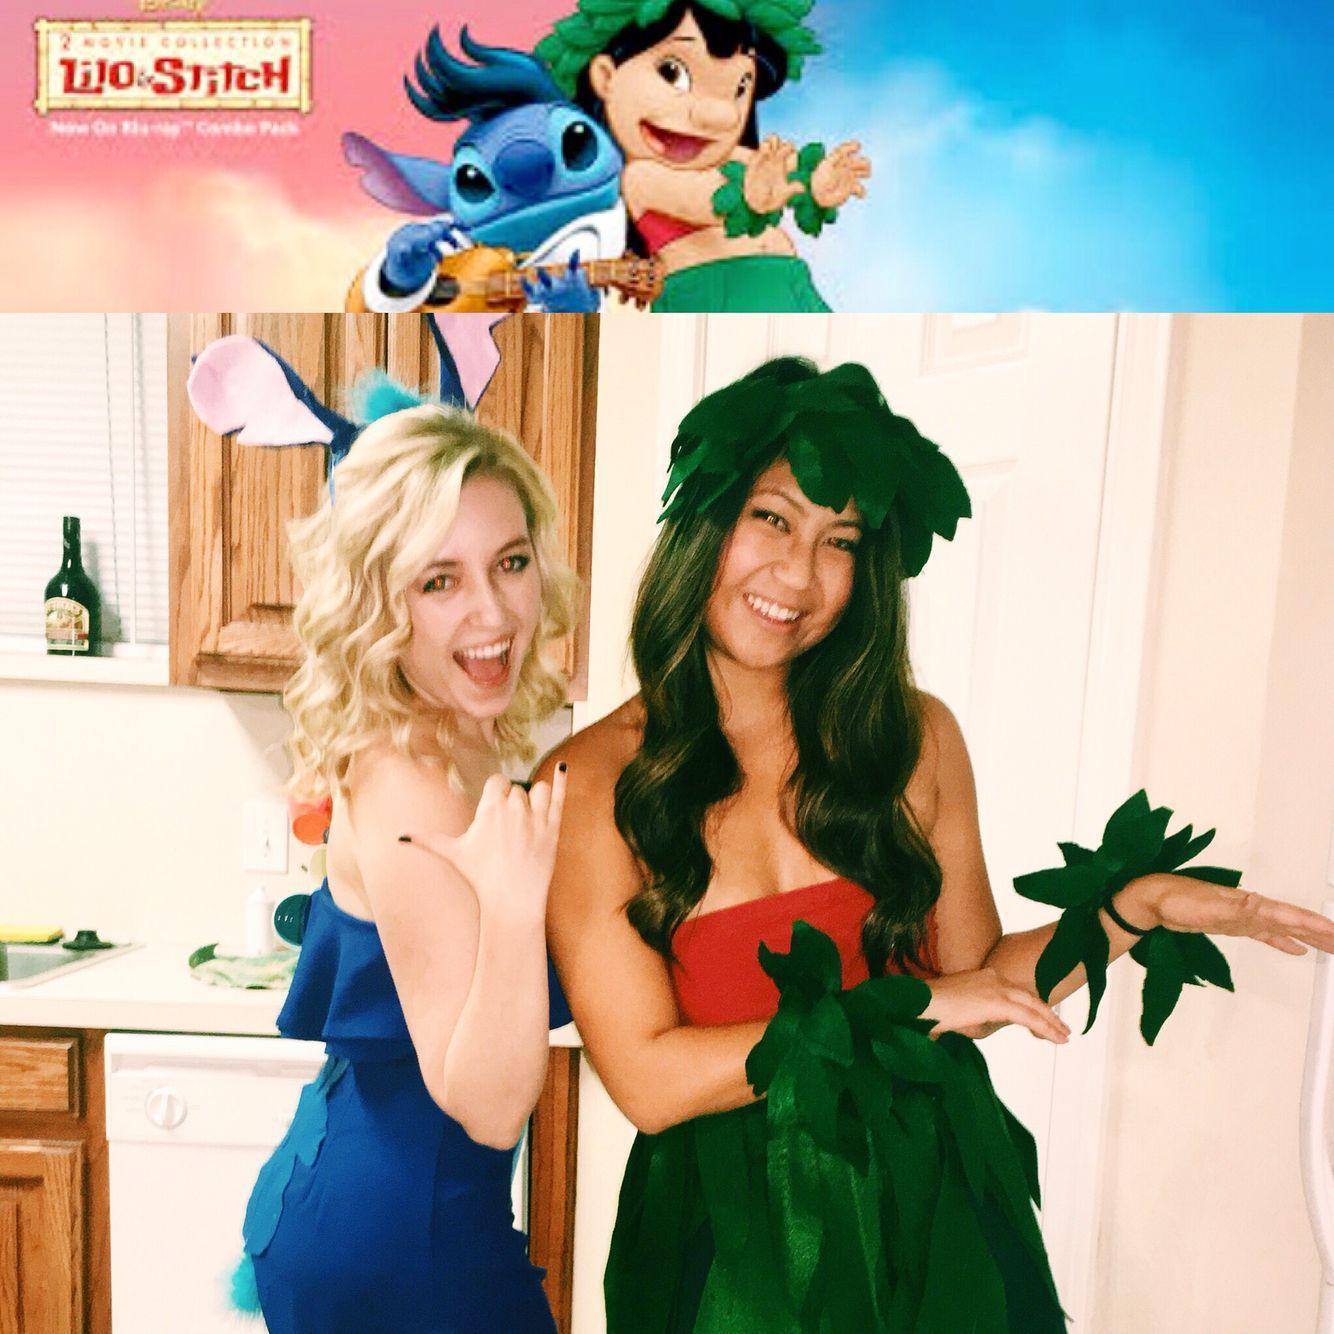 Lilo And Stitch Costume My Style Stitch Stitch Costume Lilo And Stitch Costume Halloween Costume Outfits